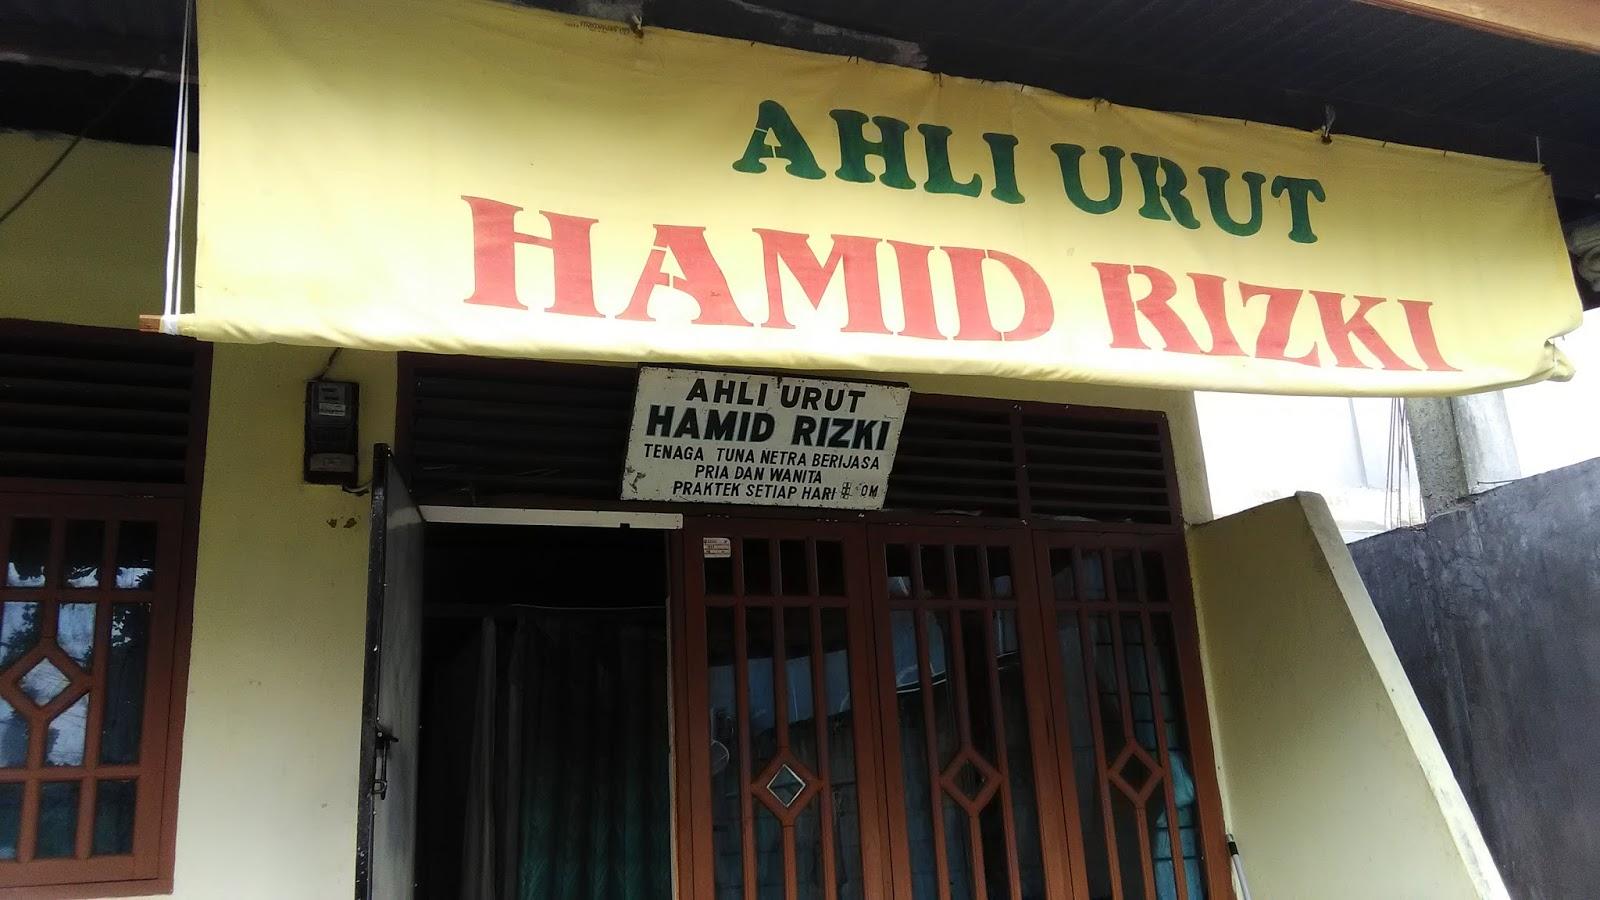 Papan Reklame Ahli Urut Hamid Rizki